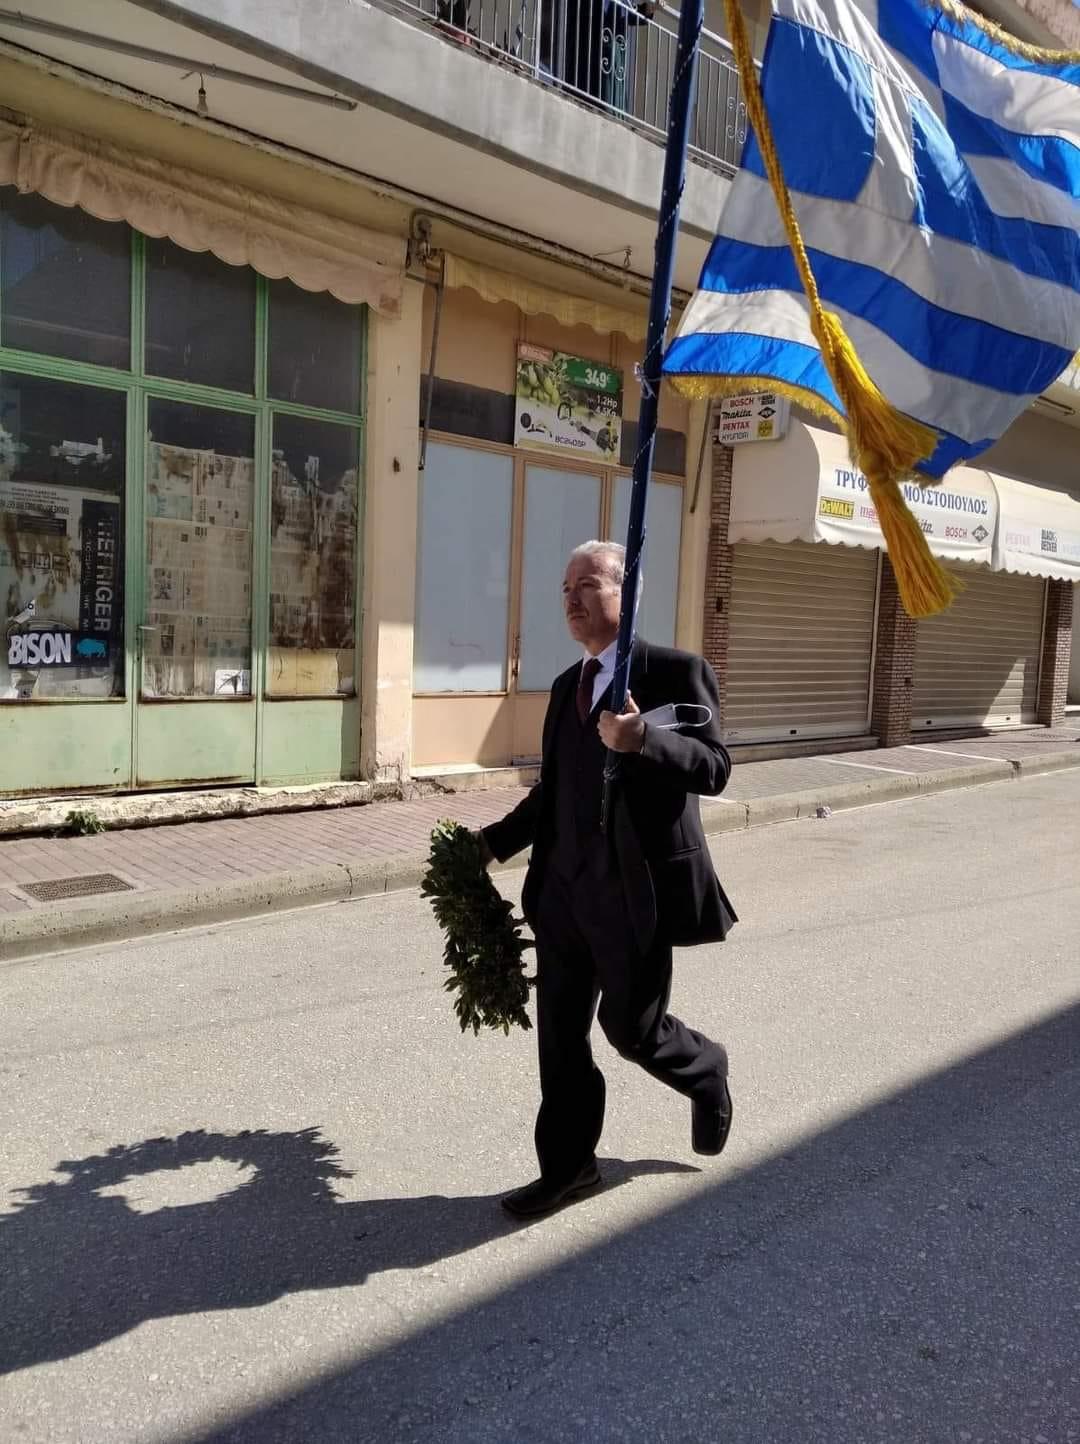 Ηλεία- 25η Μαρτίου: Συγκλόνισε δάσκαλος στο Τραγανό - Παρήλασε μόνος του με την ελληνική σημαία (Photo)